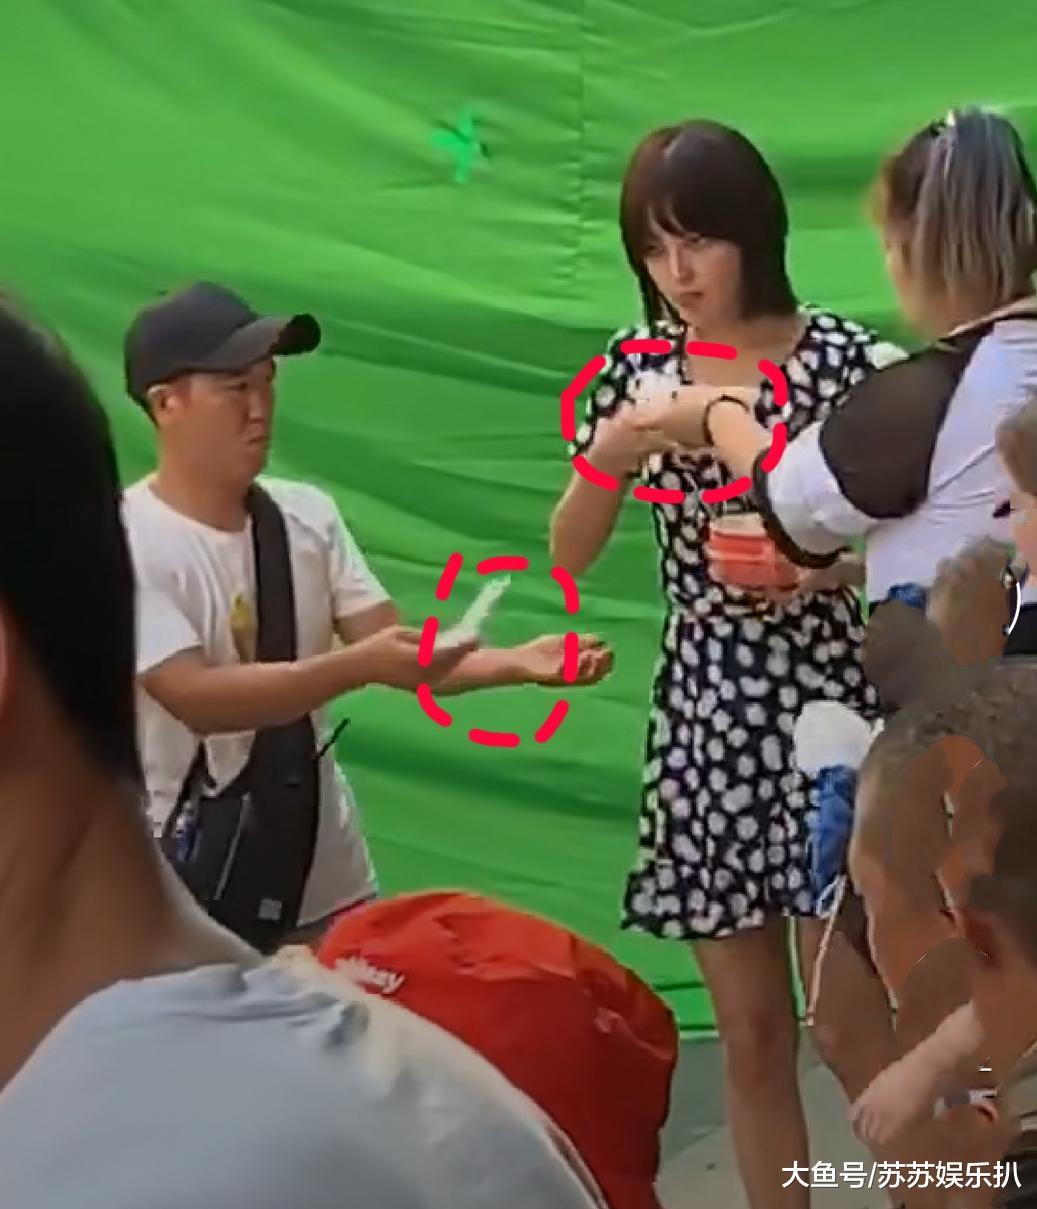 导演刚喊咔 她立马吐了出来了 偶遇辛芷蕾拍戏吃路边摊